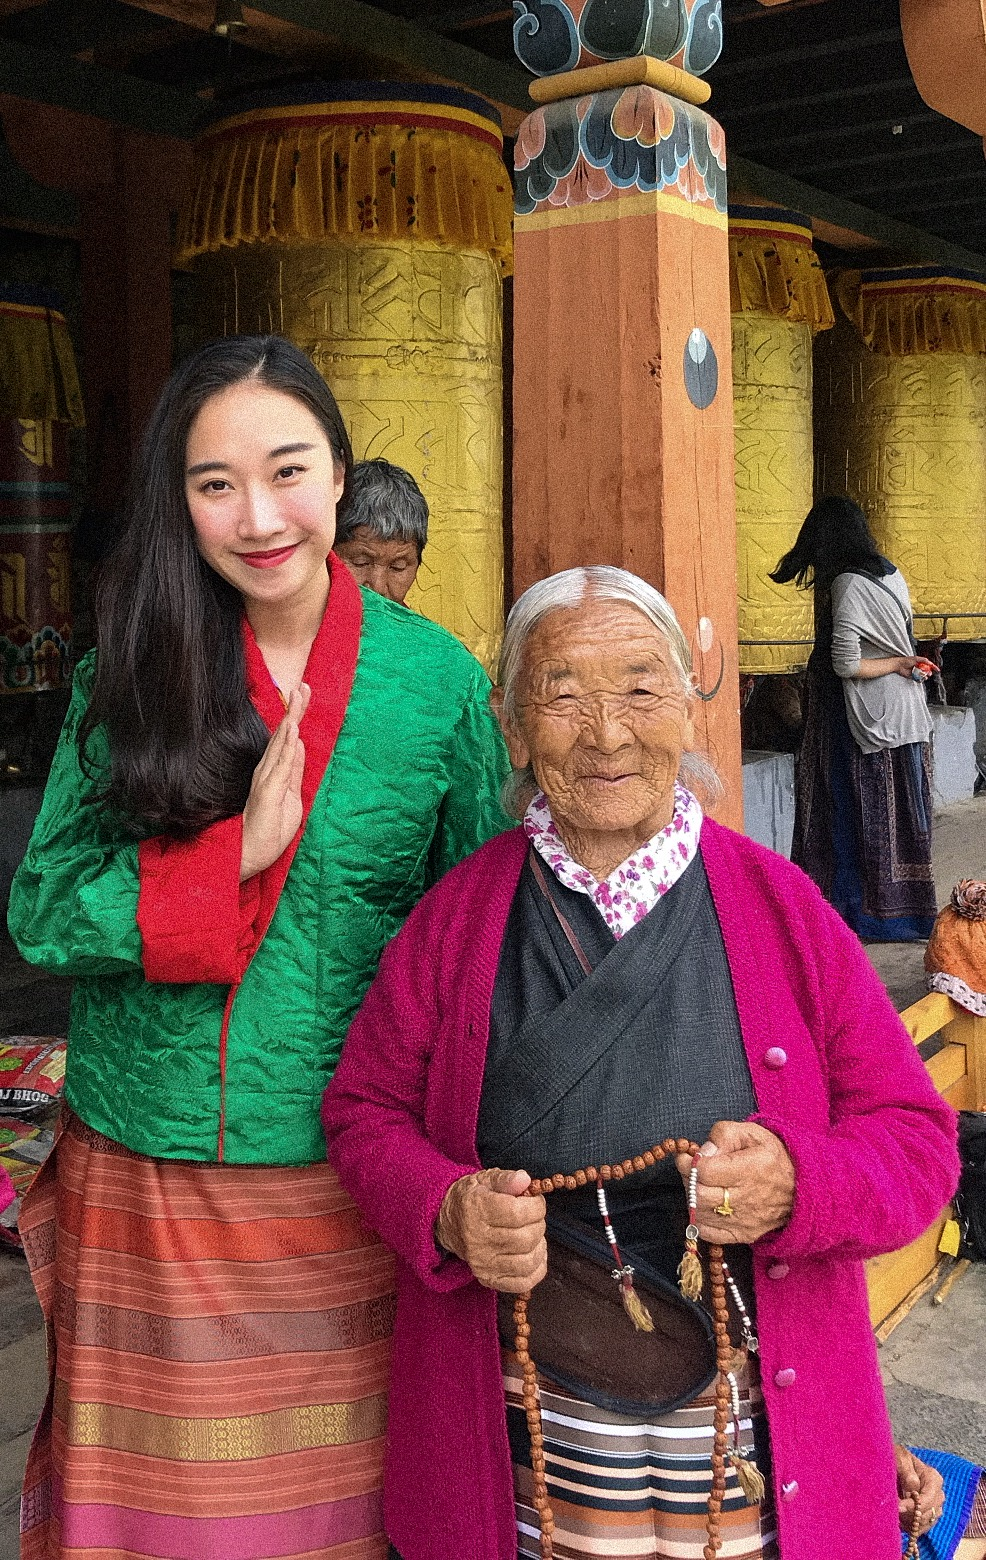 Dương chụp ảnh cùng một người dân tại Bhutan.